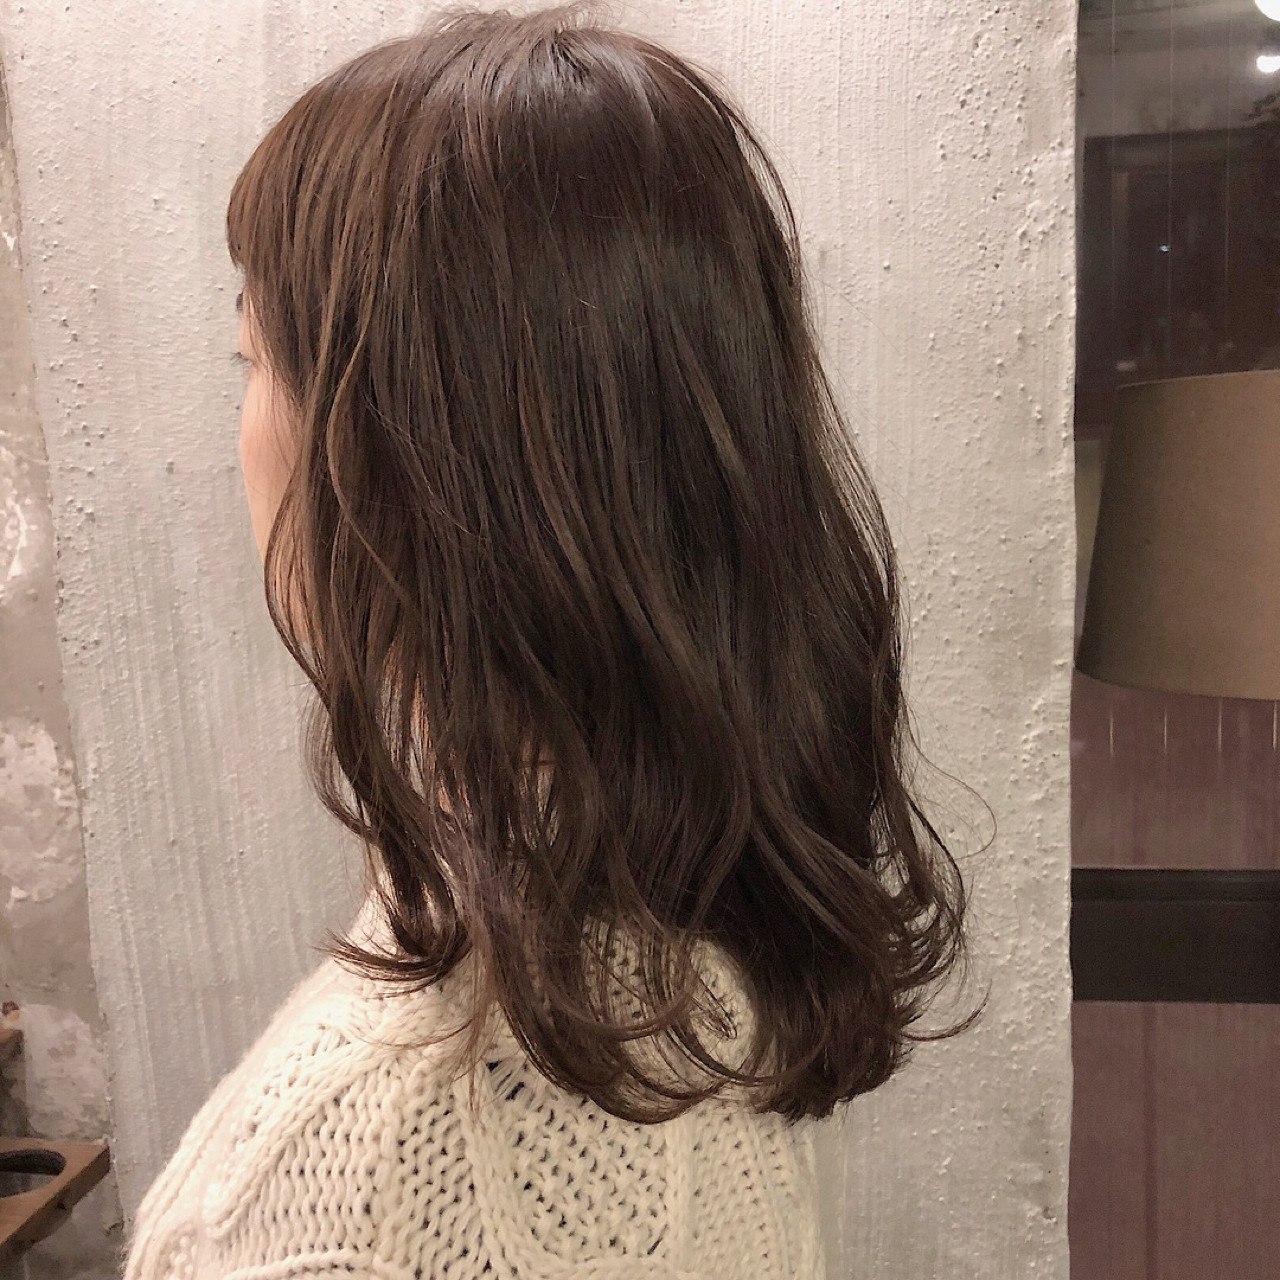 ナチュラル ヘアアレンジ アンニュイ オフィス ヘアスタイルや髪型の写真・画像